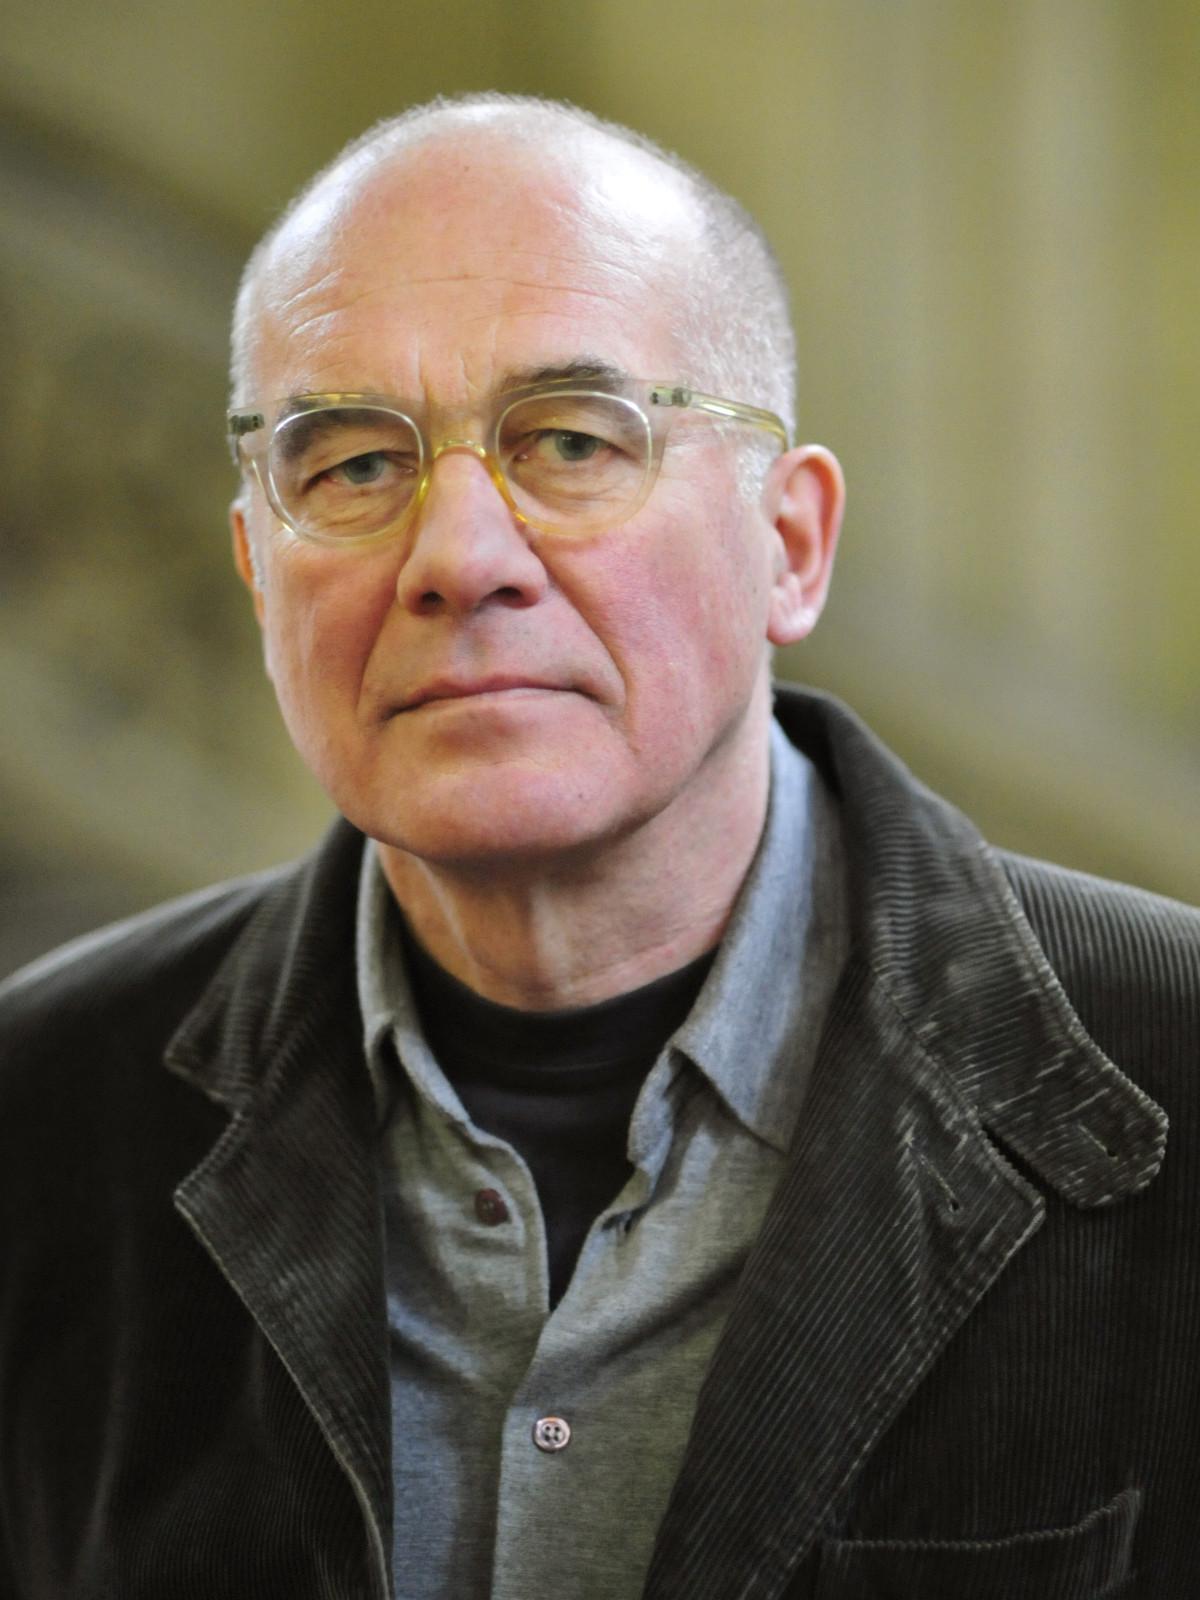 Hans Zischler